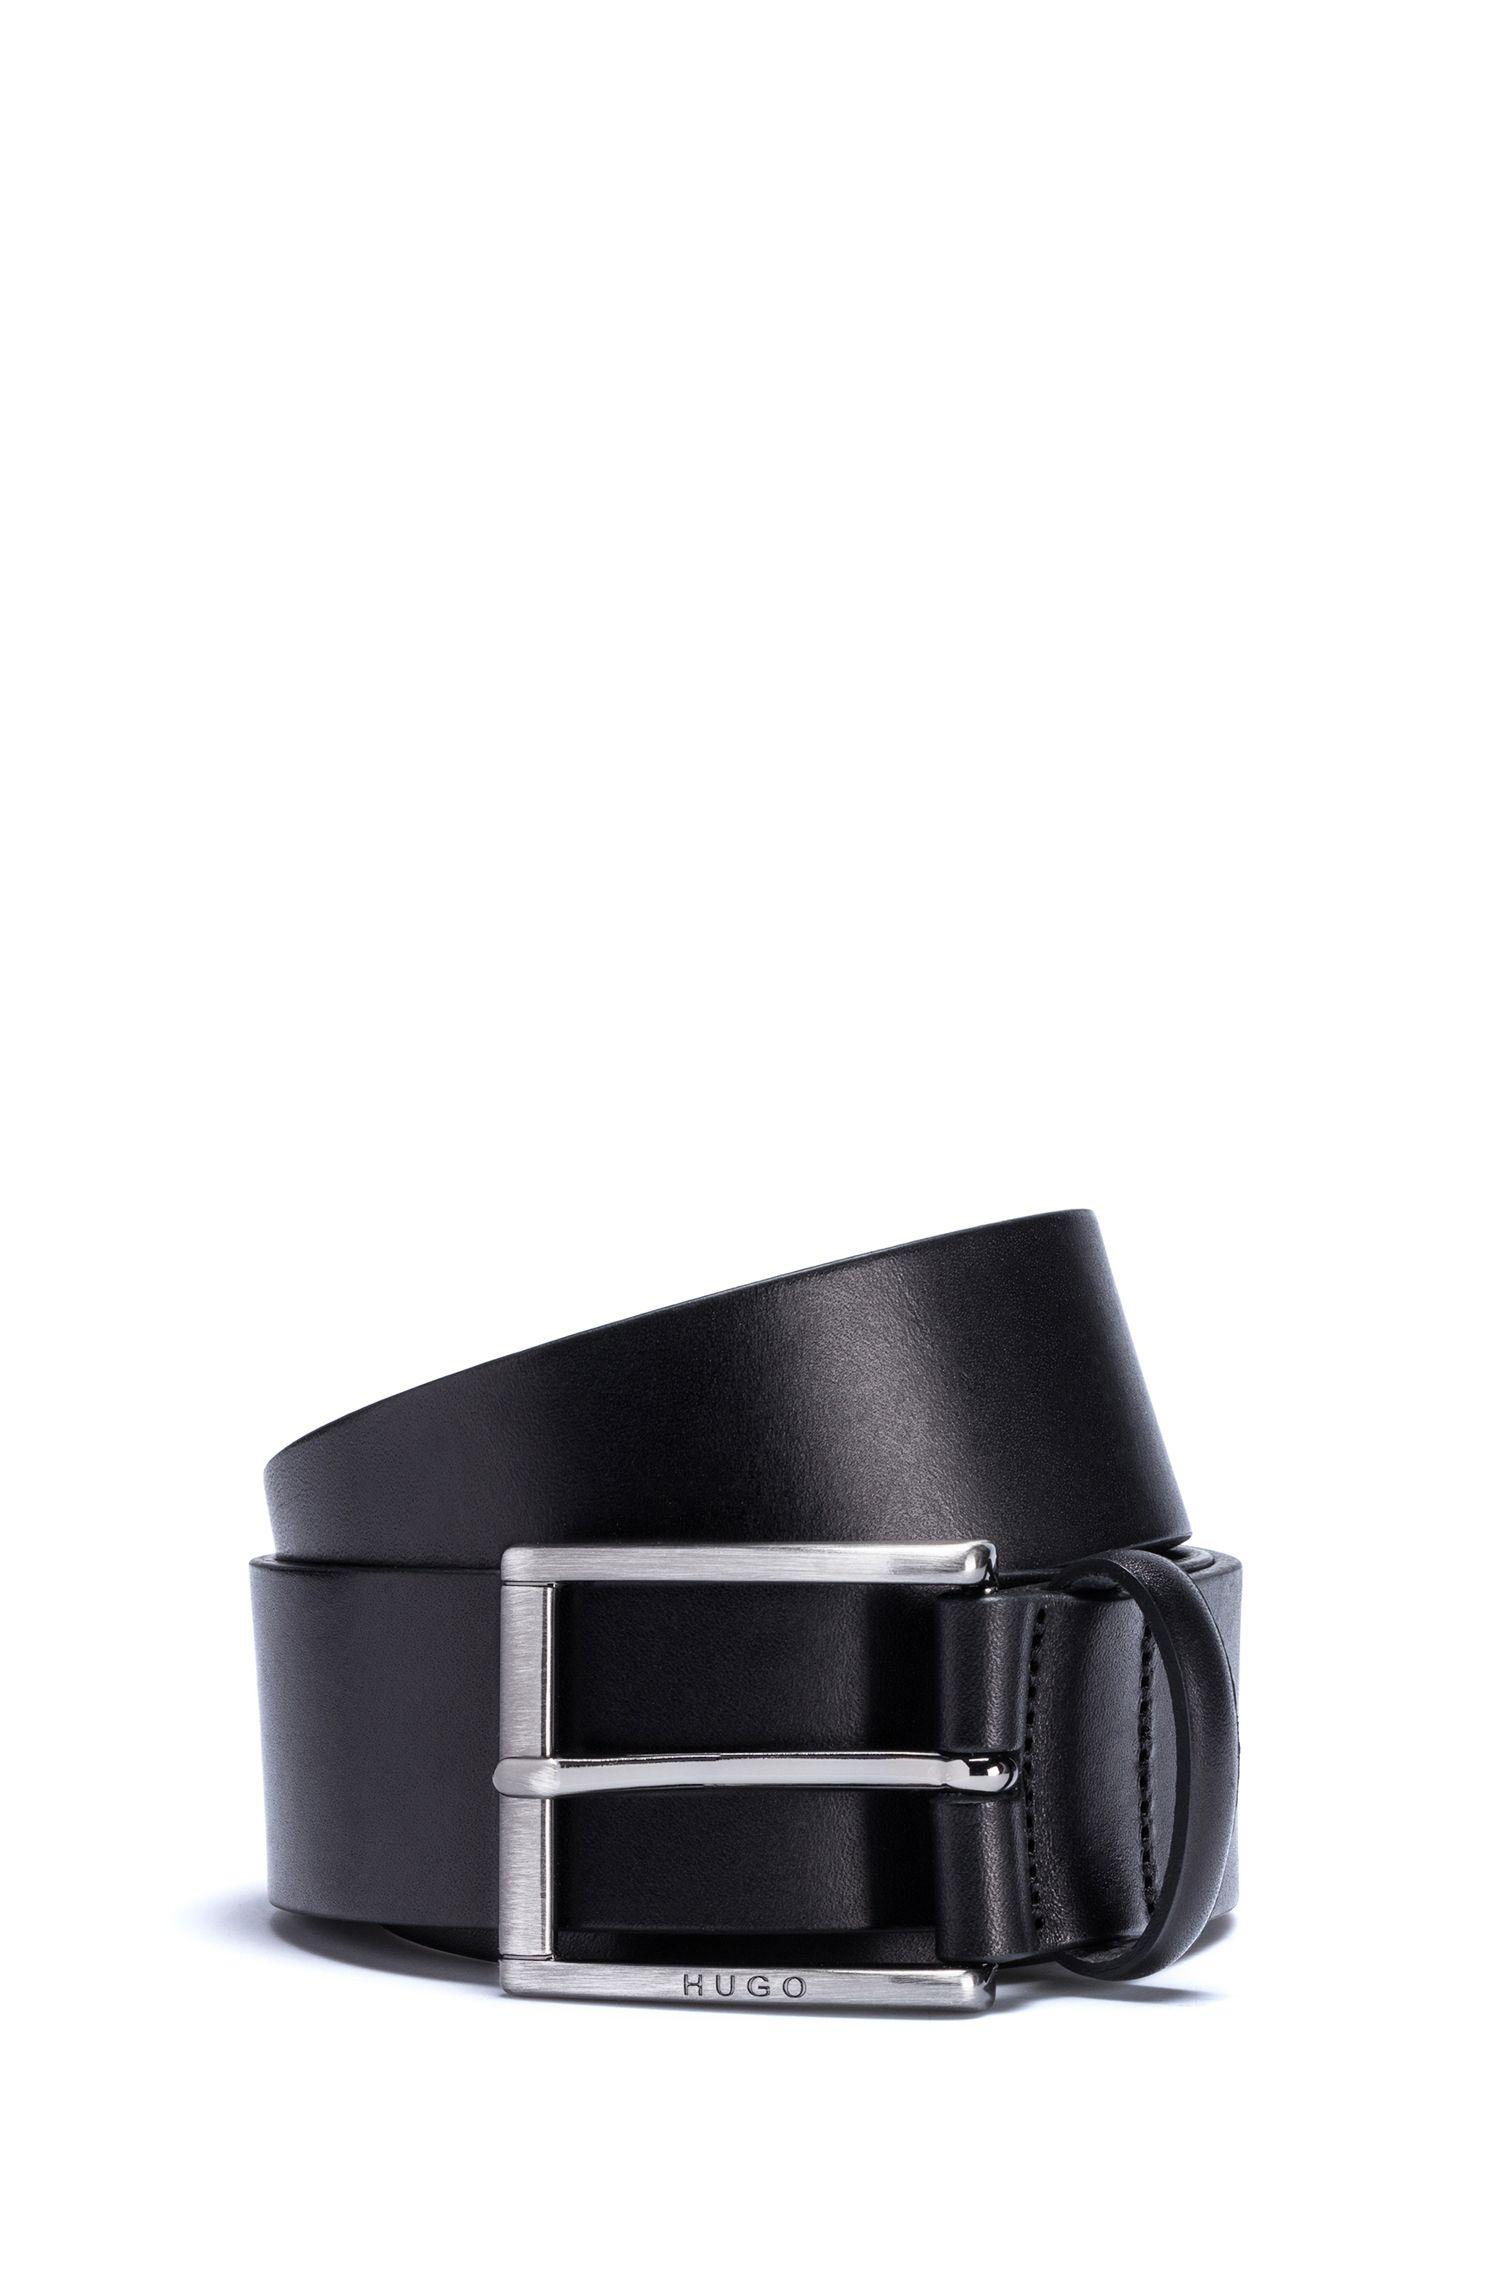 Cinturón de piel con hebilla rectangular en metal cepillado